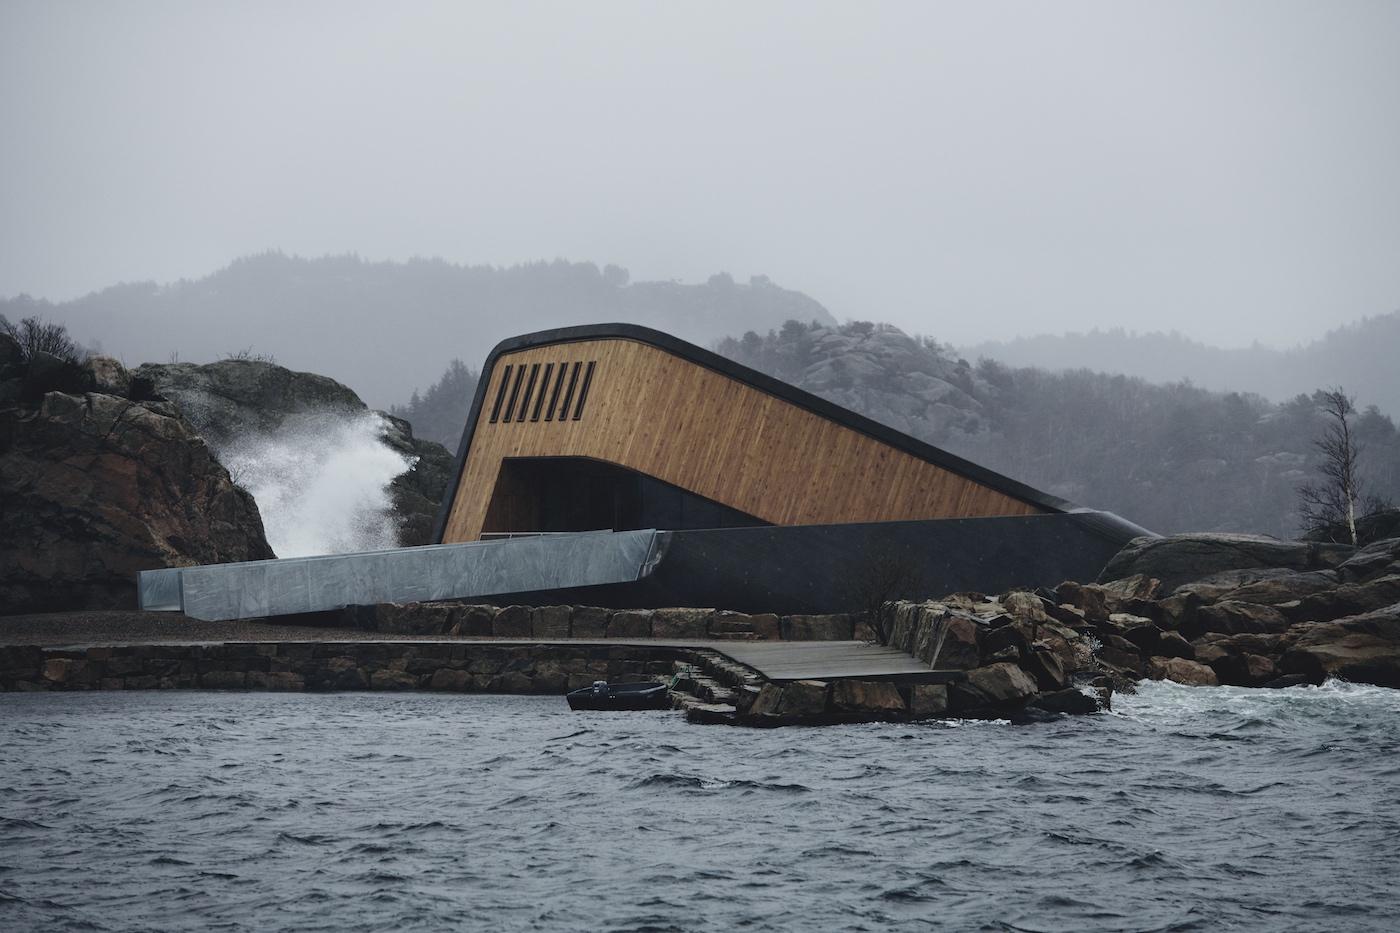 Vi ser her Restaurant Unders placering i det normalt ufrakommelige klippelandskaber. Bølgerne står højt op om den rampe, der leder op til den træklædte restaurant. En anden bred træsti leder direkte ned til havet.